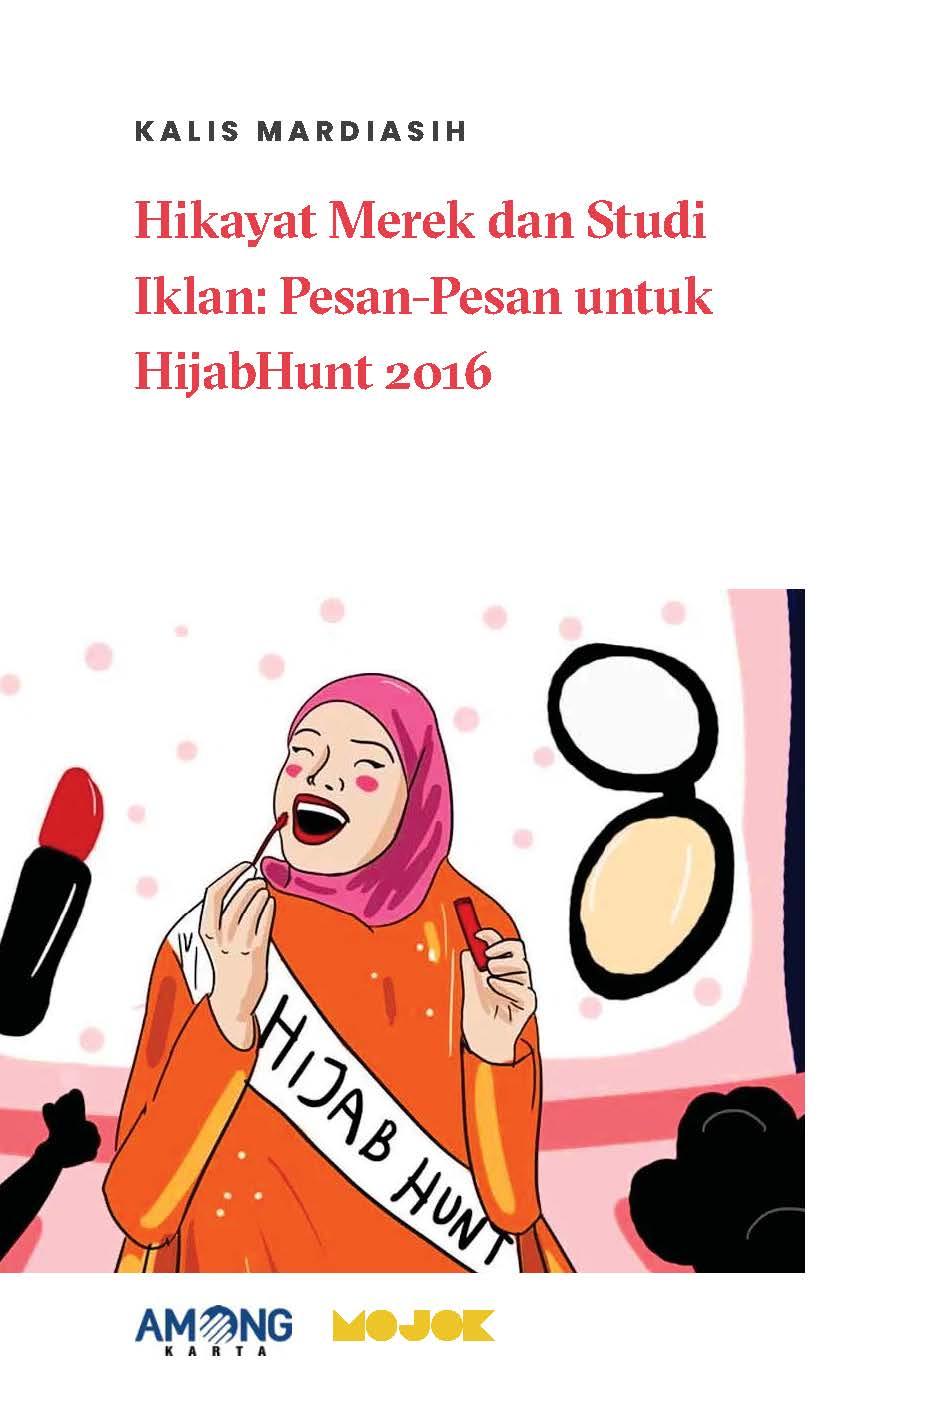 Hikayat merek dan studi iklan [sumber elektronis] : pesan-pesan untuk Hijabhunt 2016